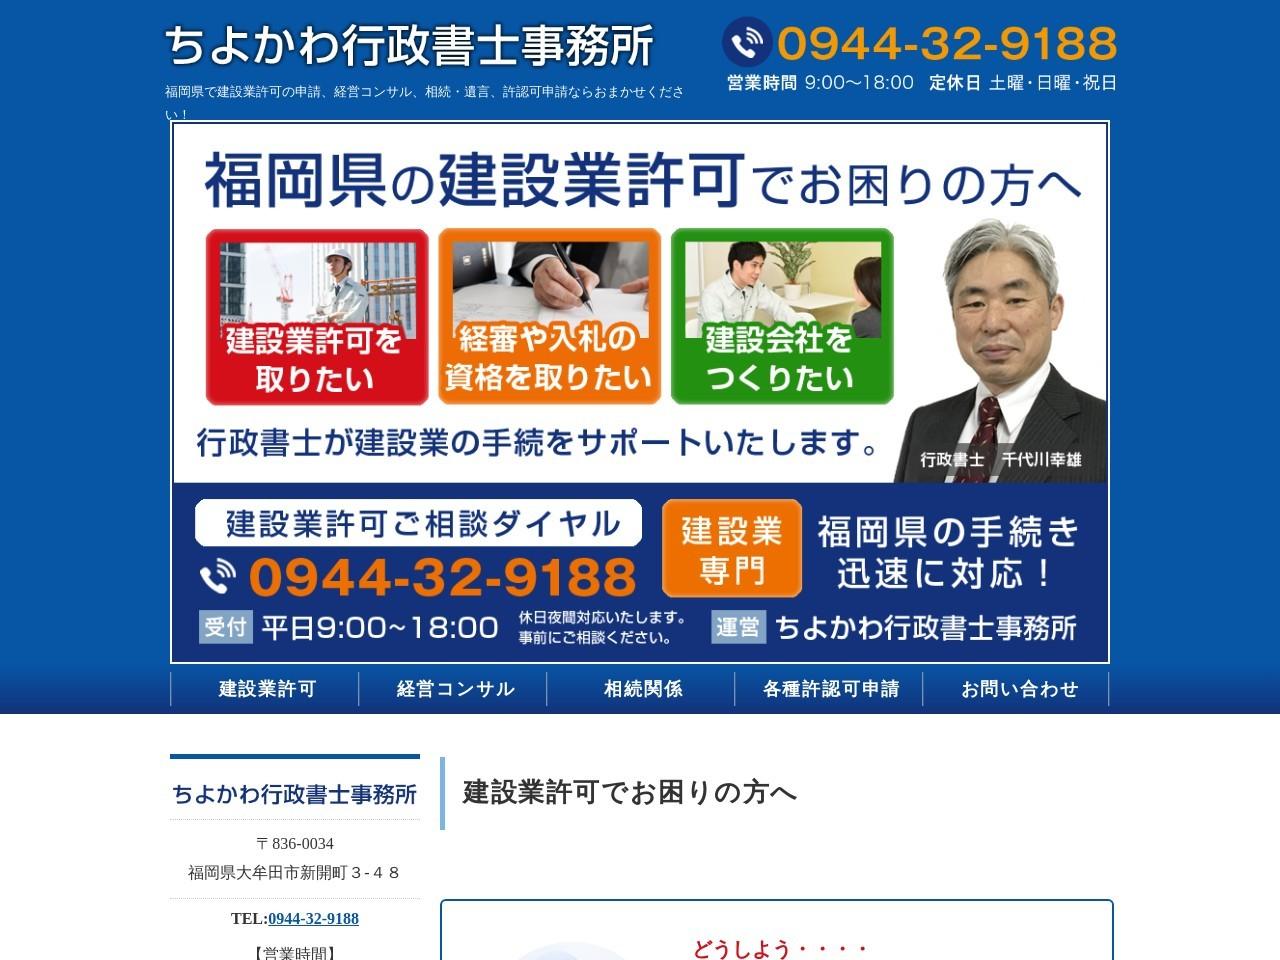 千代川行政書士事務所